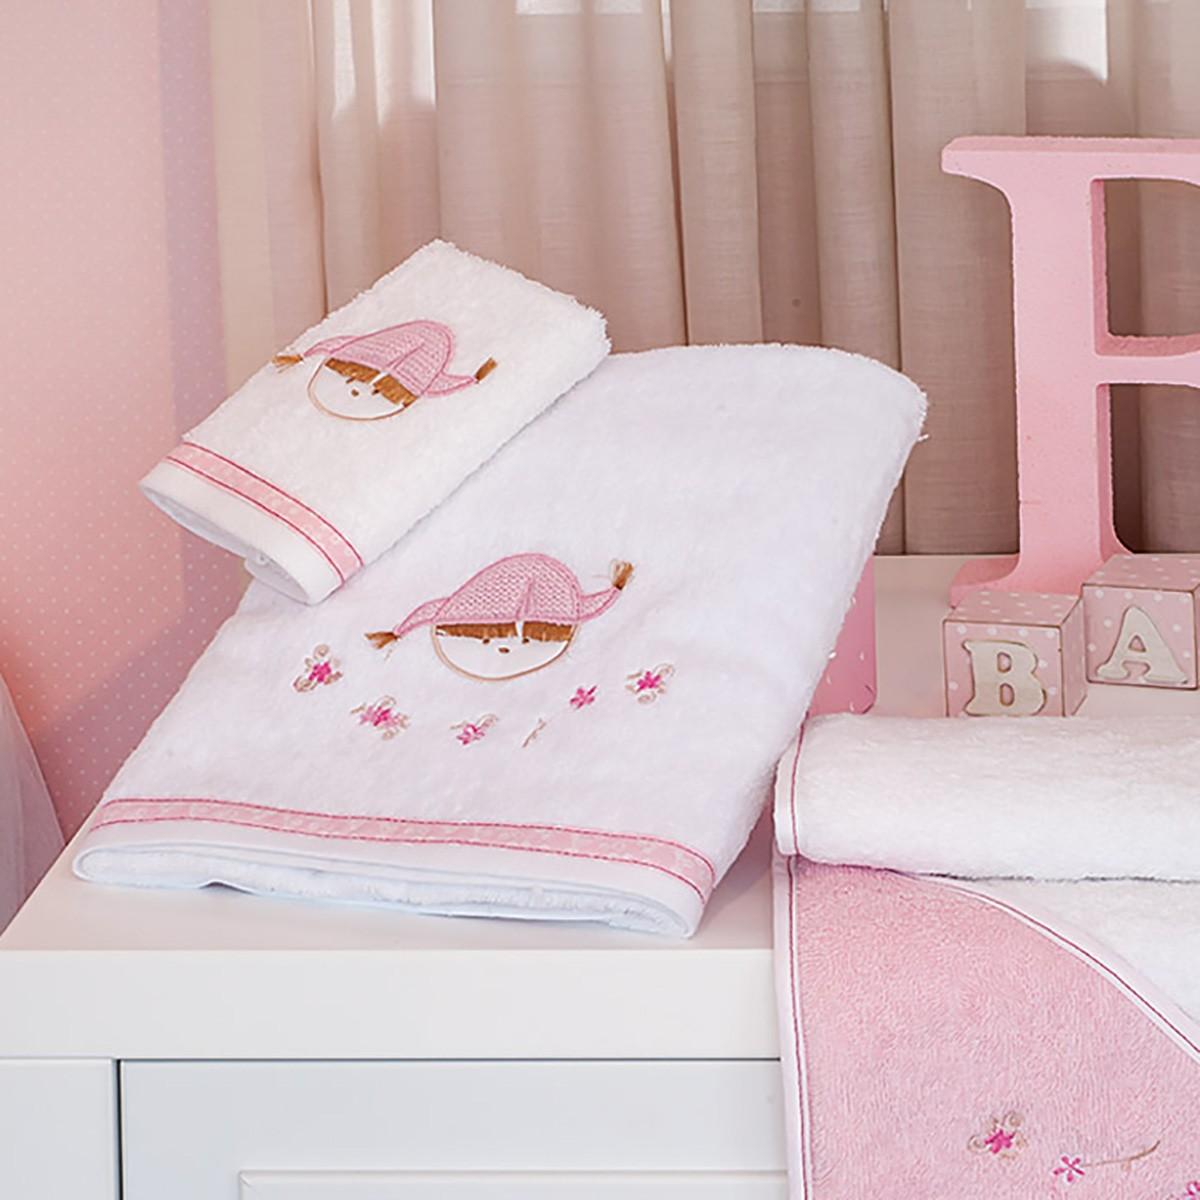 Βρεφικές Πετσέτες (Σετ 2τμχ) Baby Oliver Pink Booboo 142